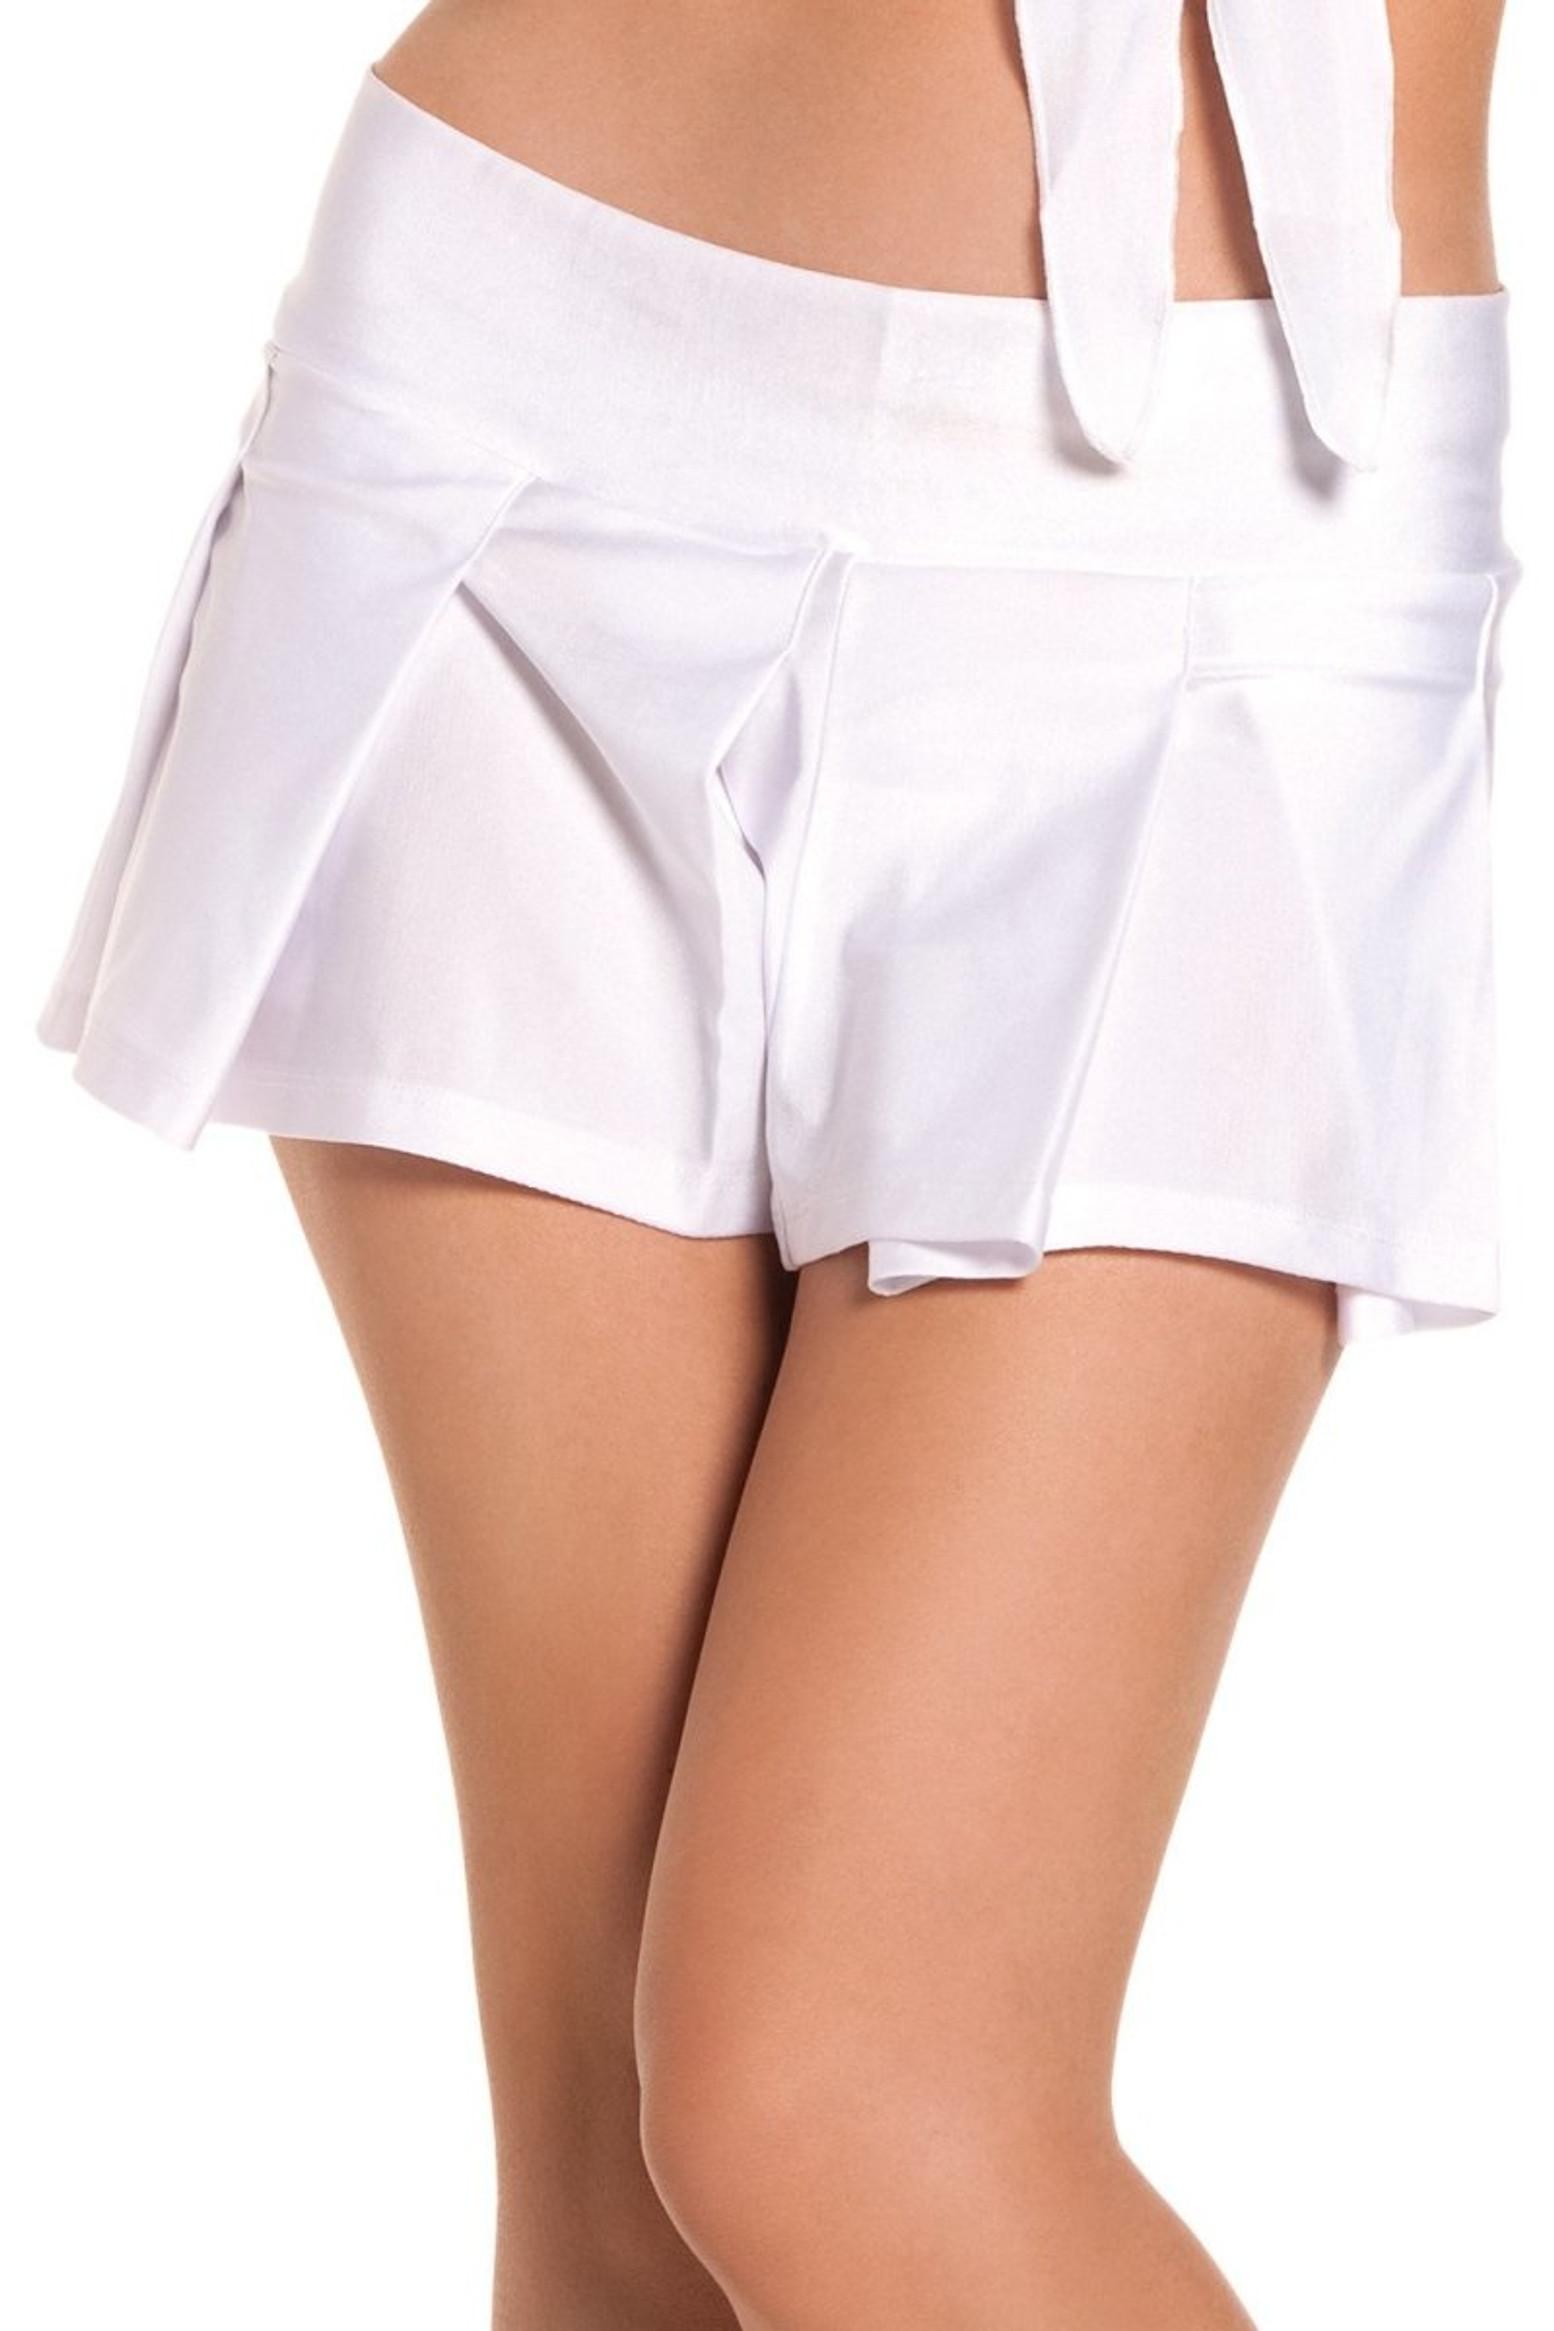 BW1024W Pleated School Girl Skirt - White